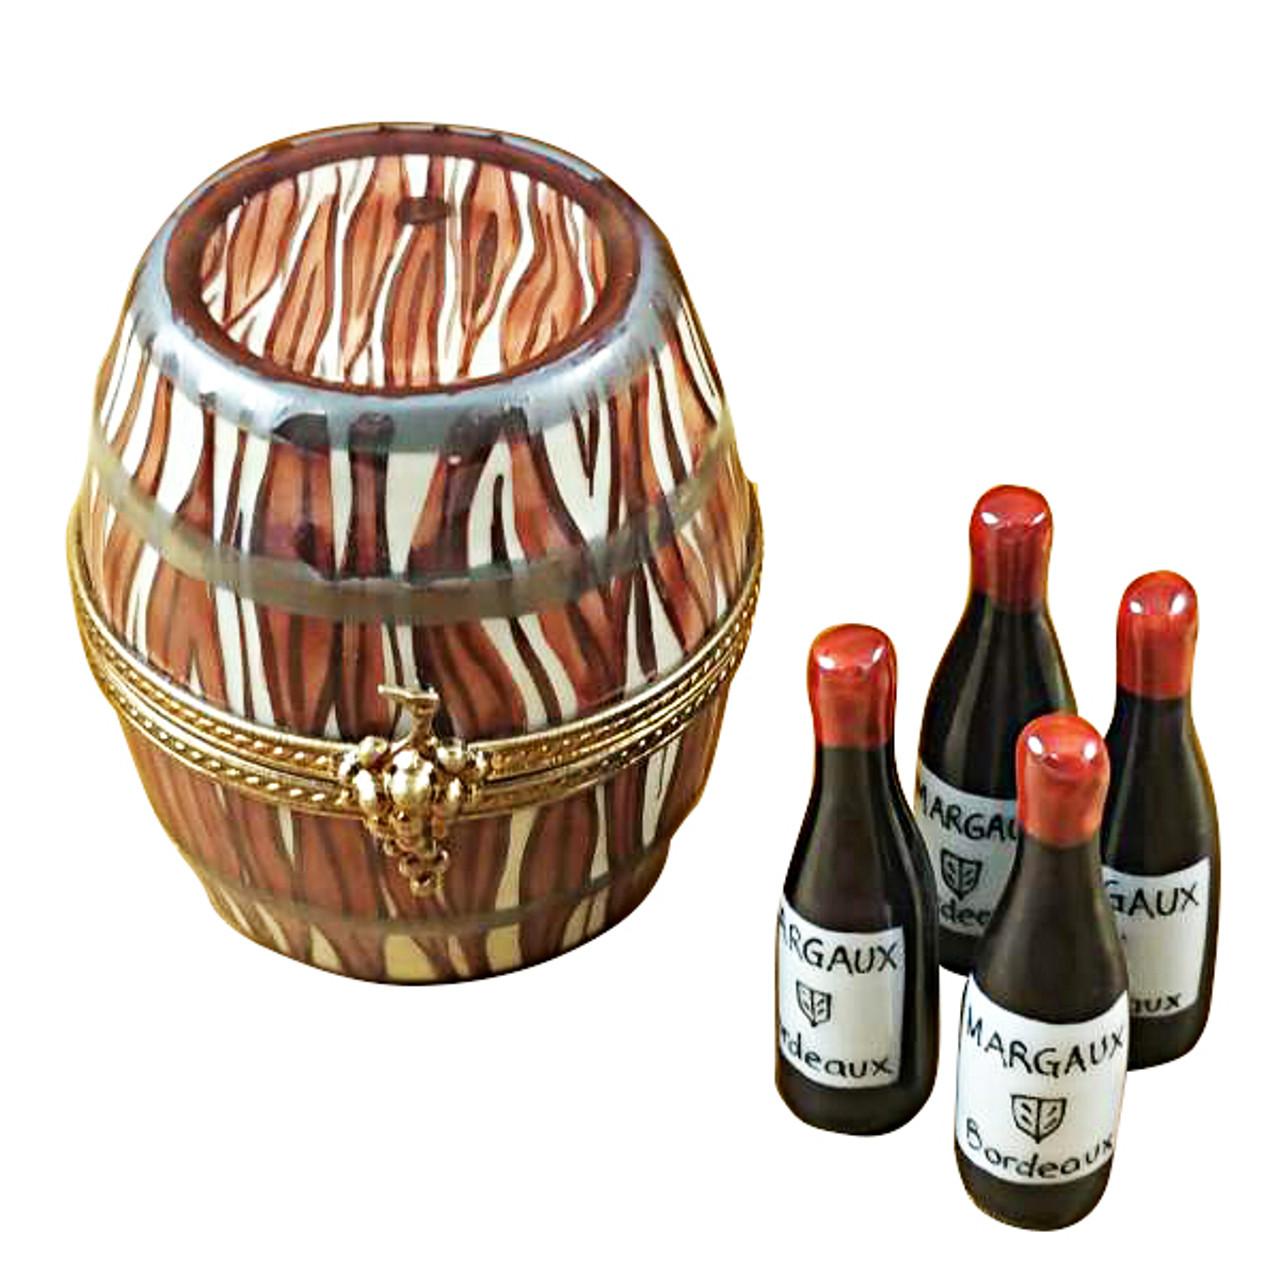 Limoges Imports Wine Barrel W/4 Bottles Limoges Box